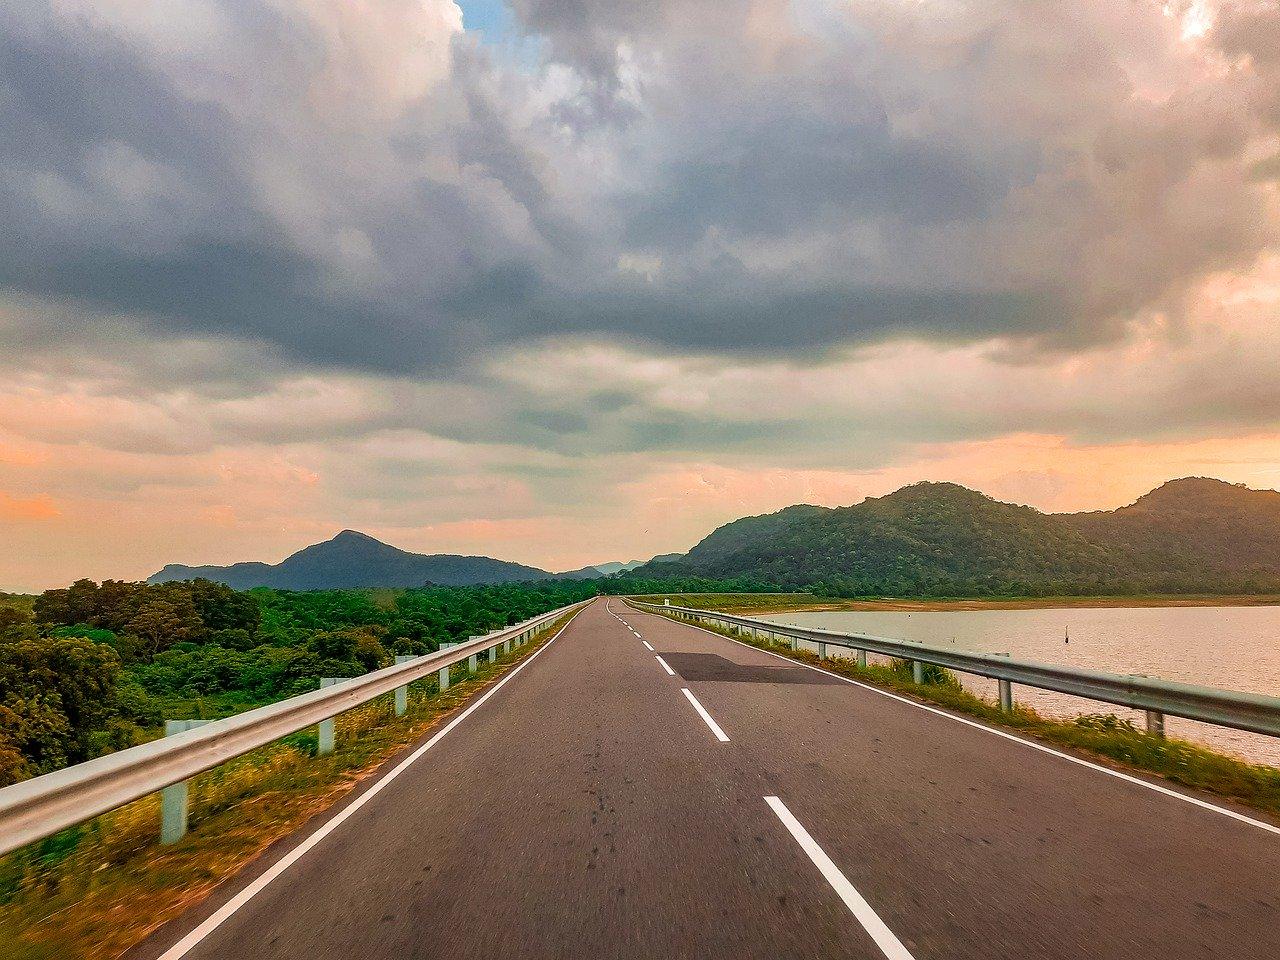 Longue route en fin de journée, près de l'eau